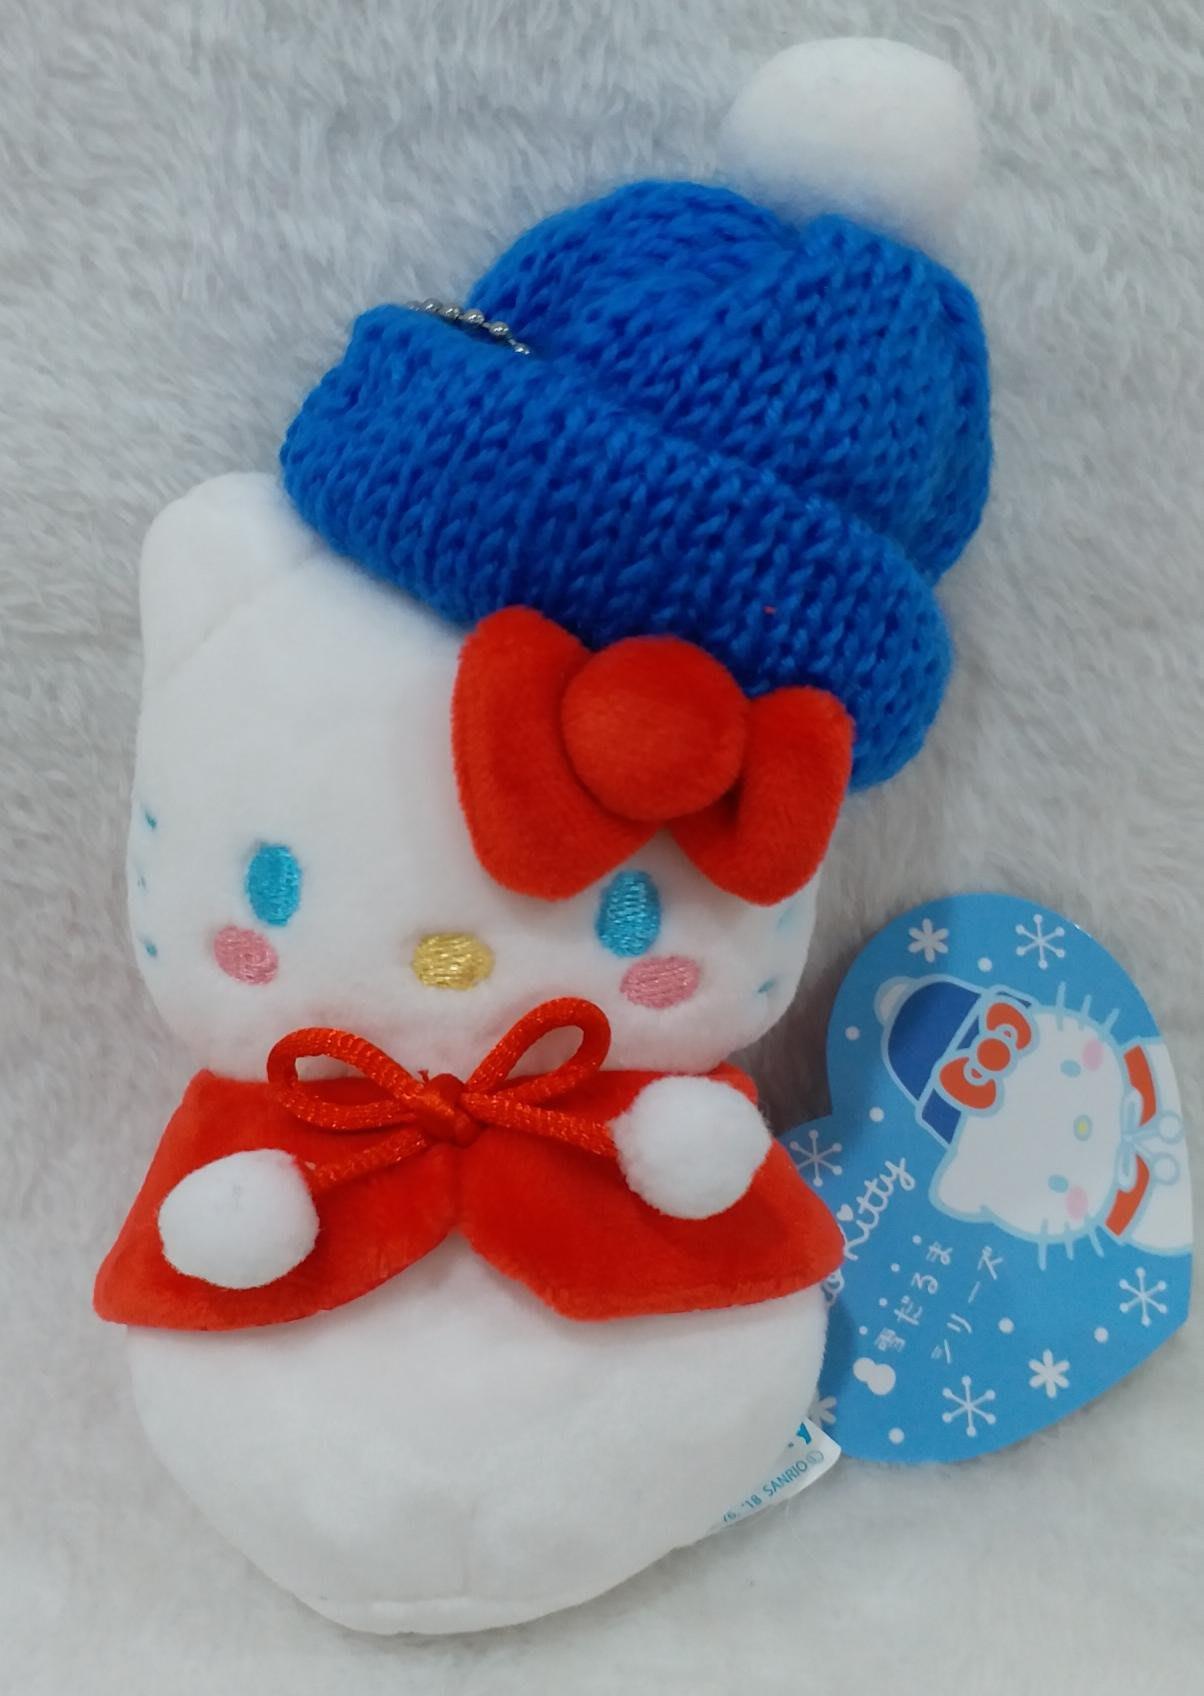 三麗鷗HELLO KITTY雪人娃娃玩偶